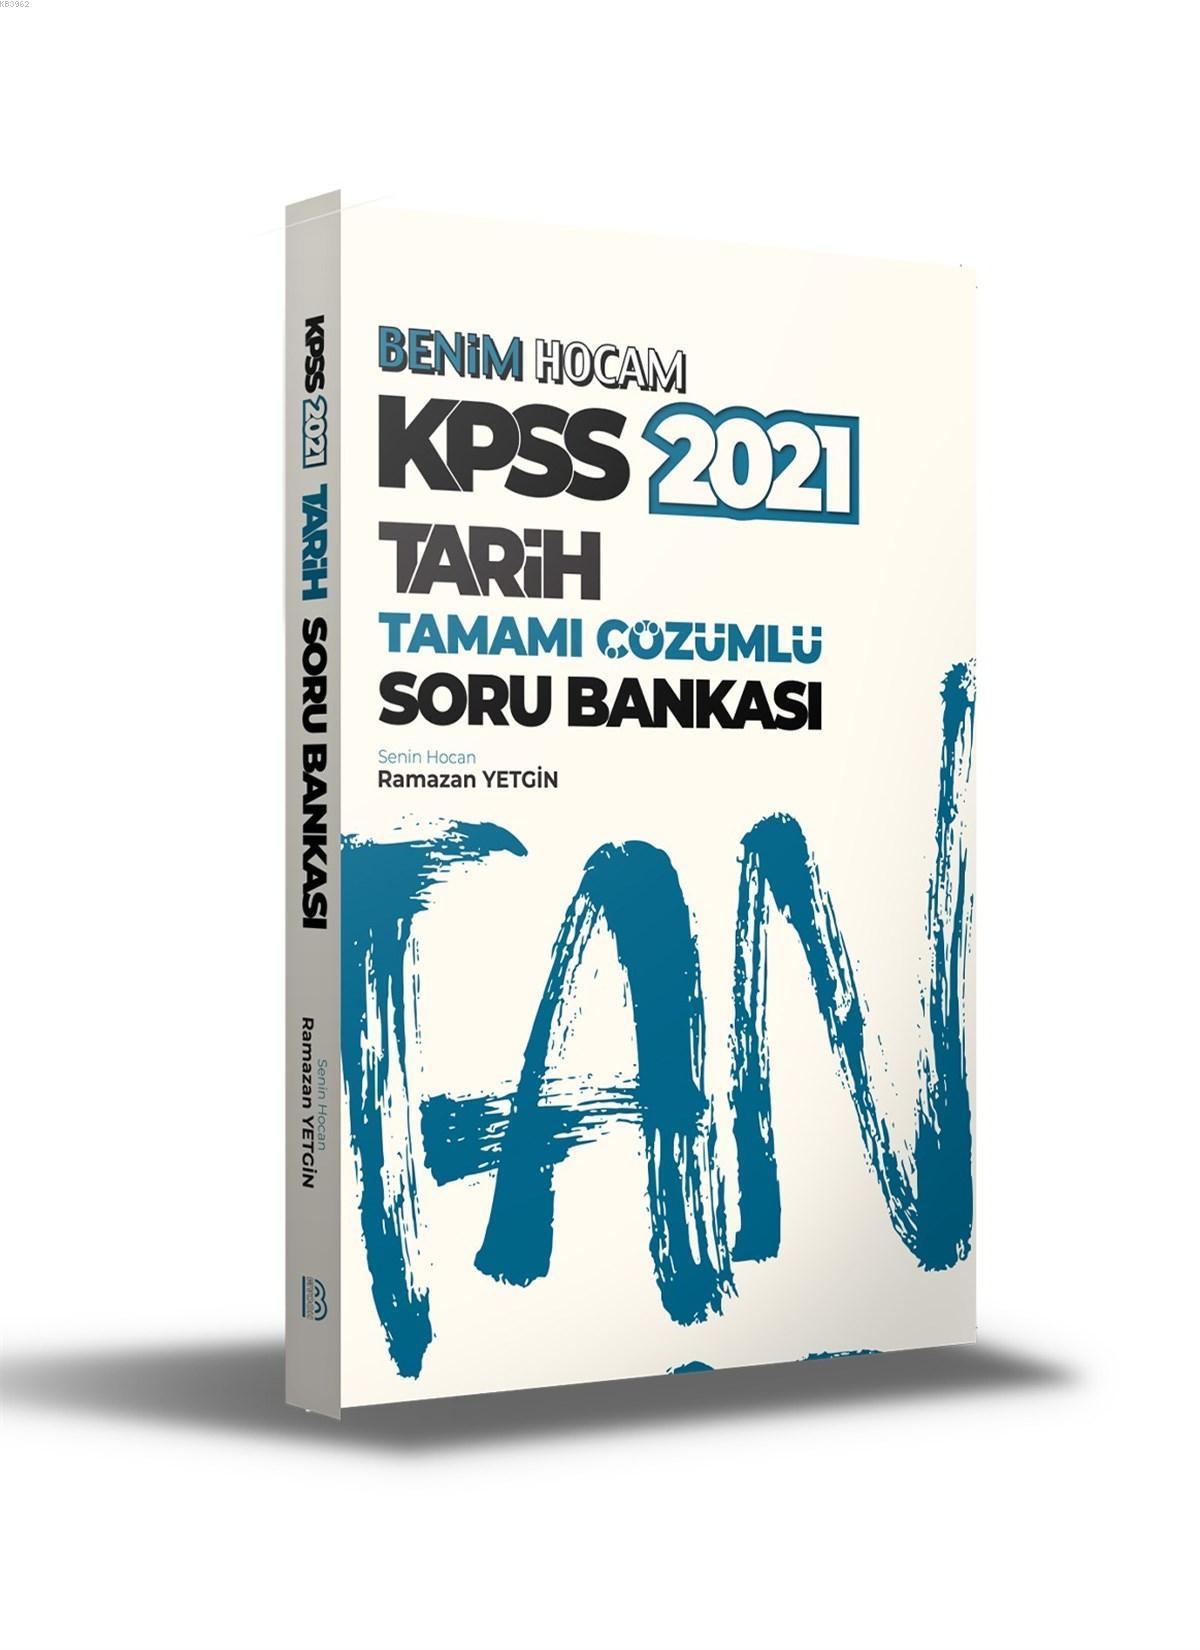 2021 KPSS Tarih Tamamı Çözümlü Soru Bankası Benim Hocam Yayınları